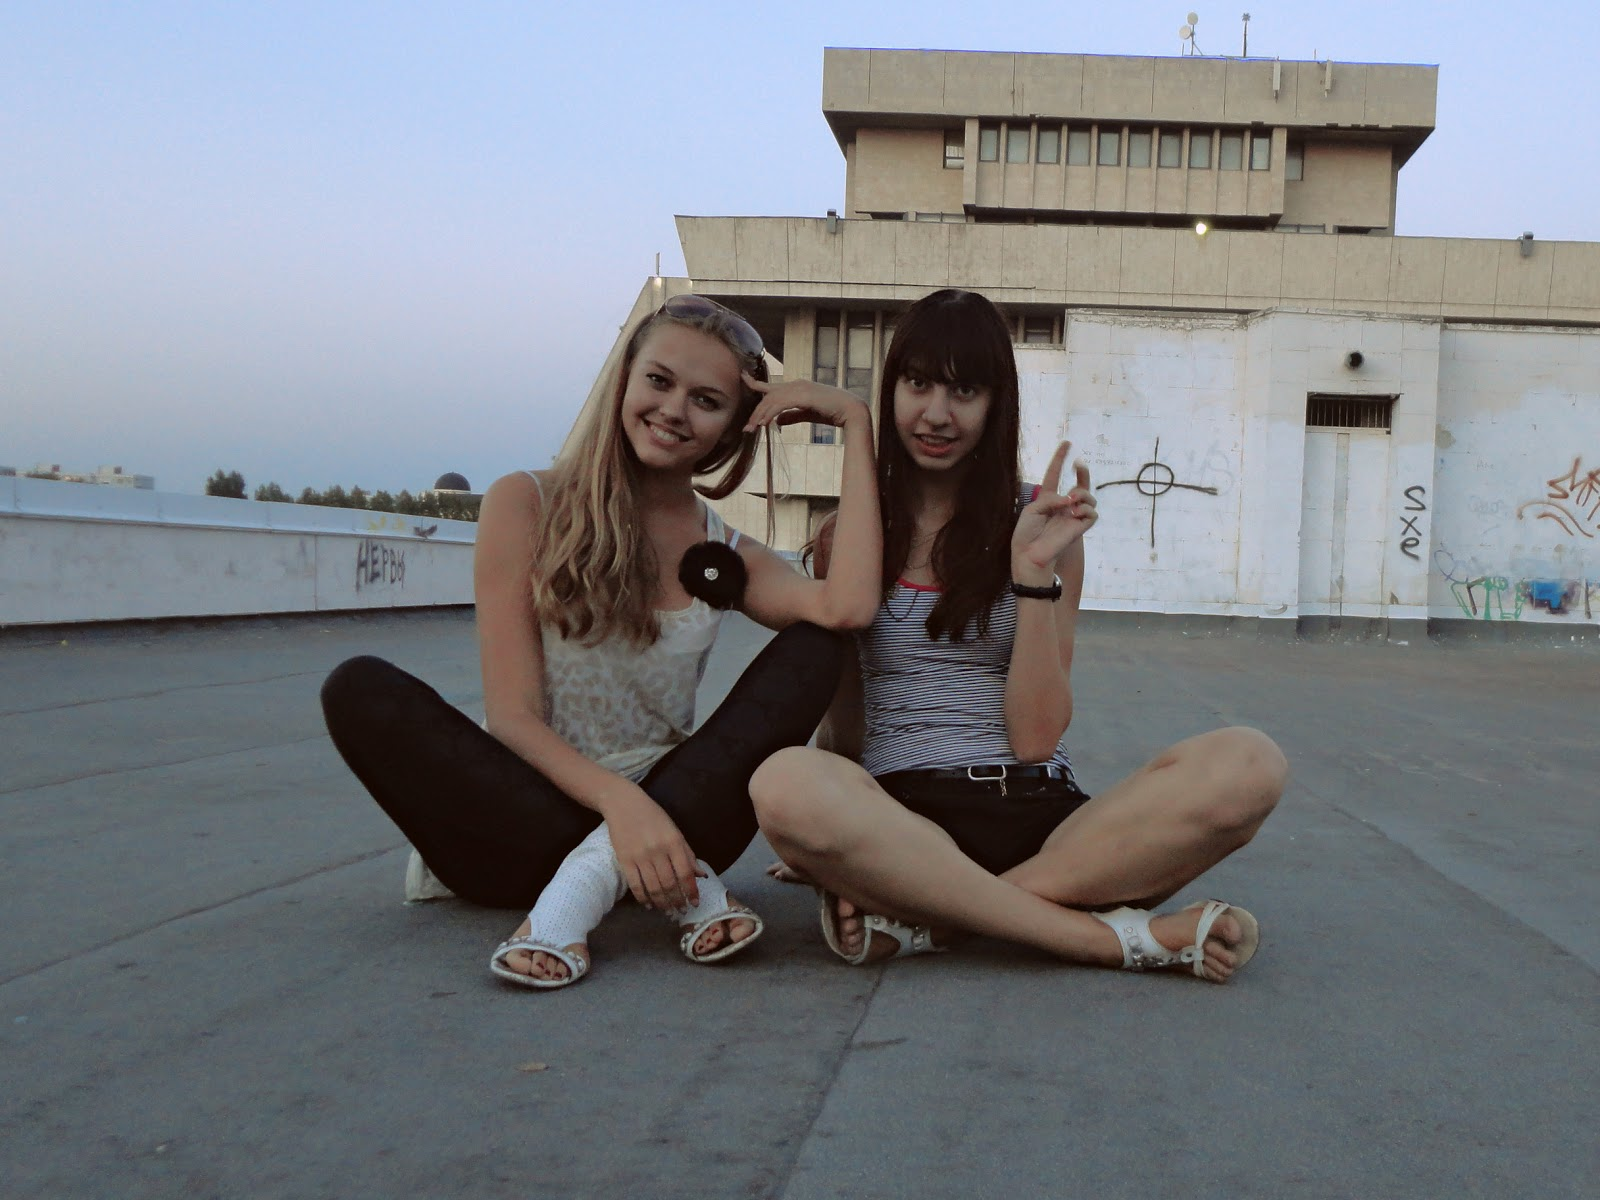 Вот эти девчонки видео в хорошем качестве 720 фотоография